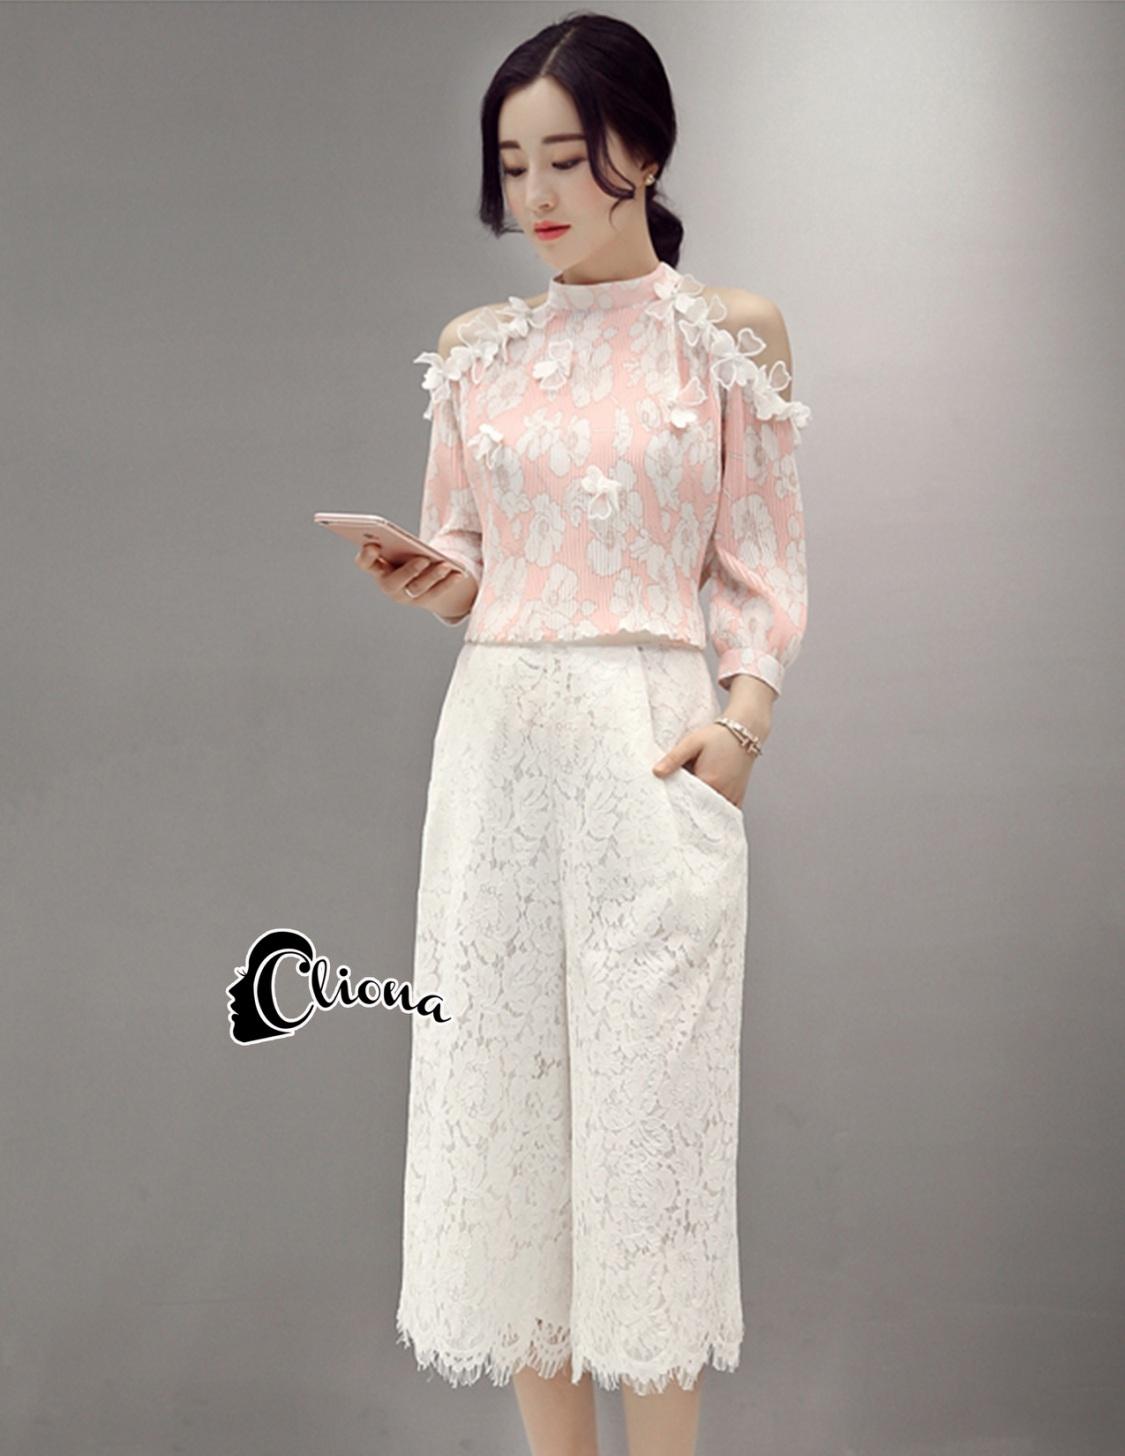 เสื้อผ้าเกาหลี พร้อมส่ง Floral Top + Lace Pant Set